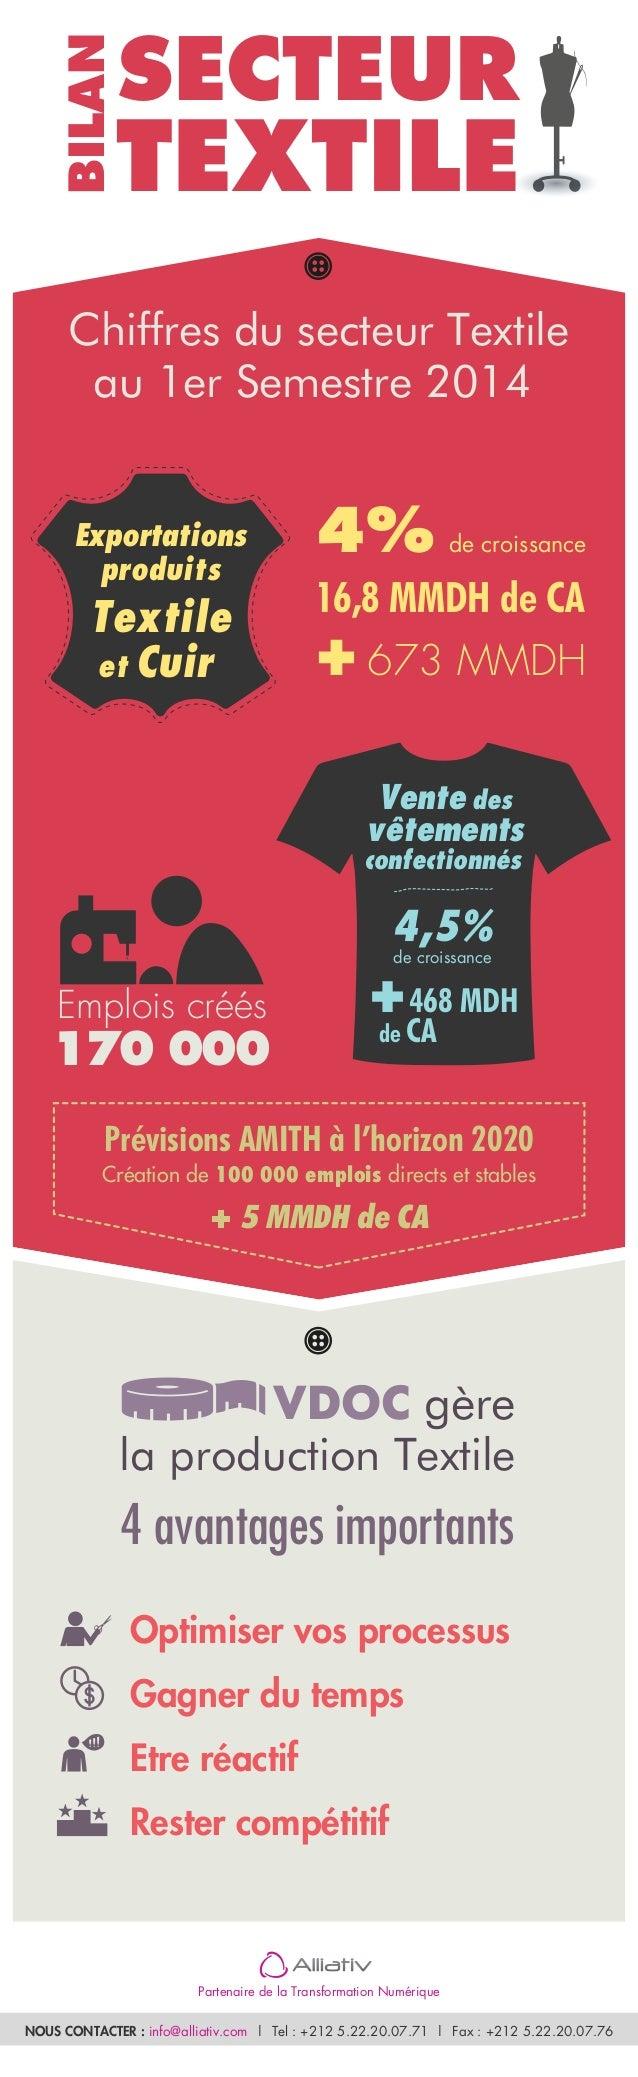 SECTEUR  TEXTILE  Chiffres du secteur Textile  au 1er Semestre 2014  4% de croissance  16,8 MMDH de CA  + 673 MMDH  Vente ...